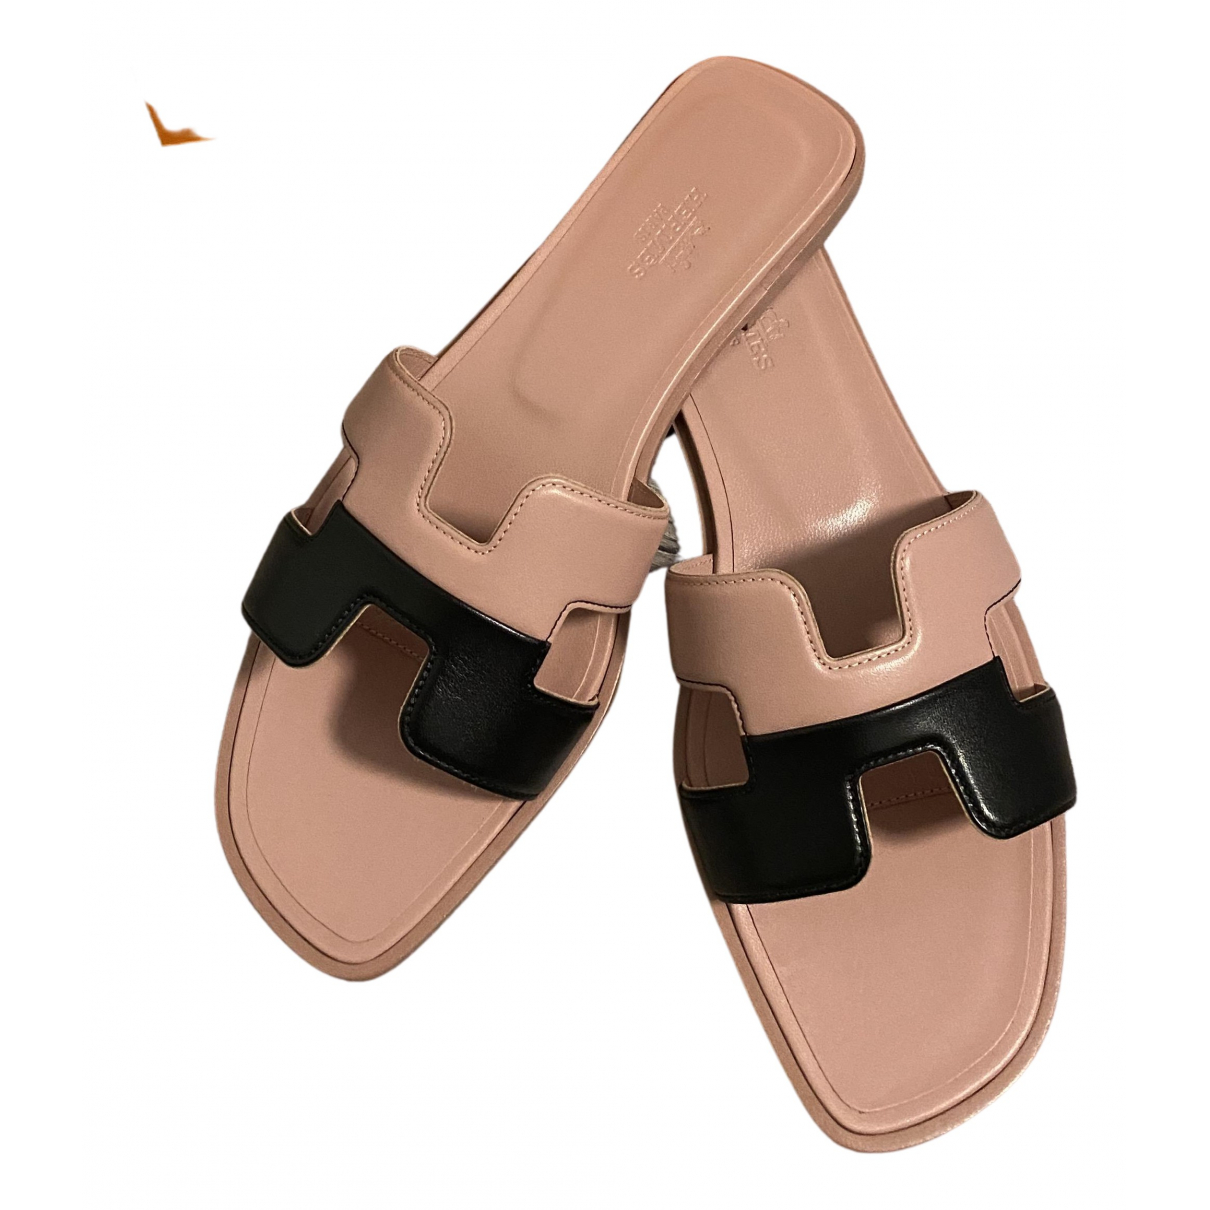 Hermes - Sandales Oran pour femme en cuir - rose